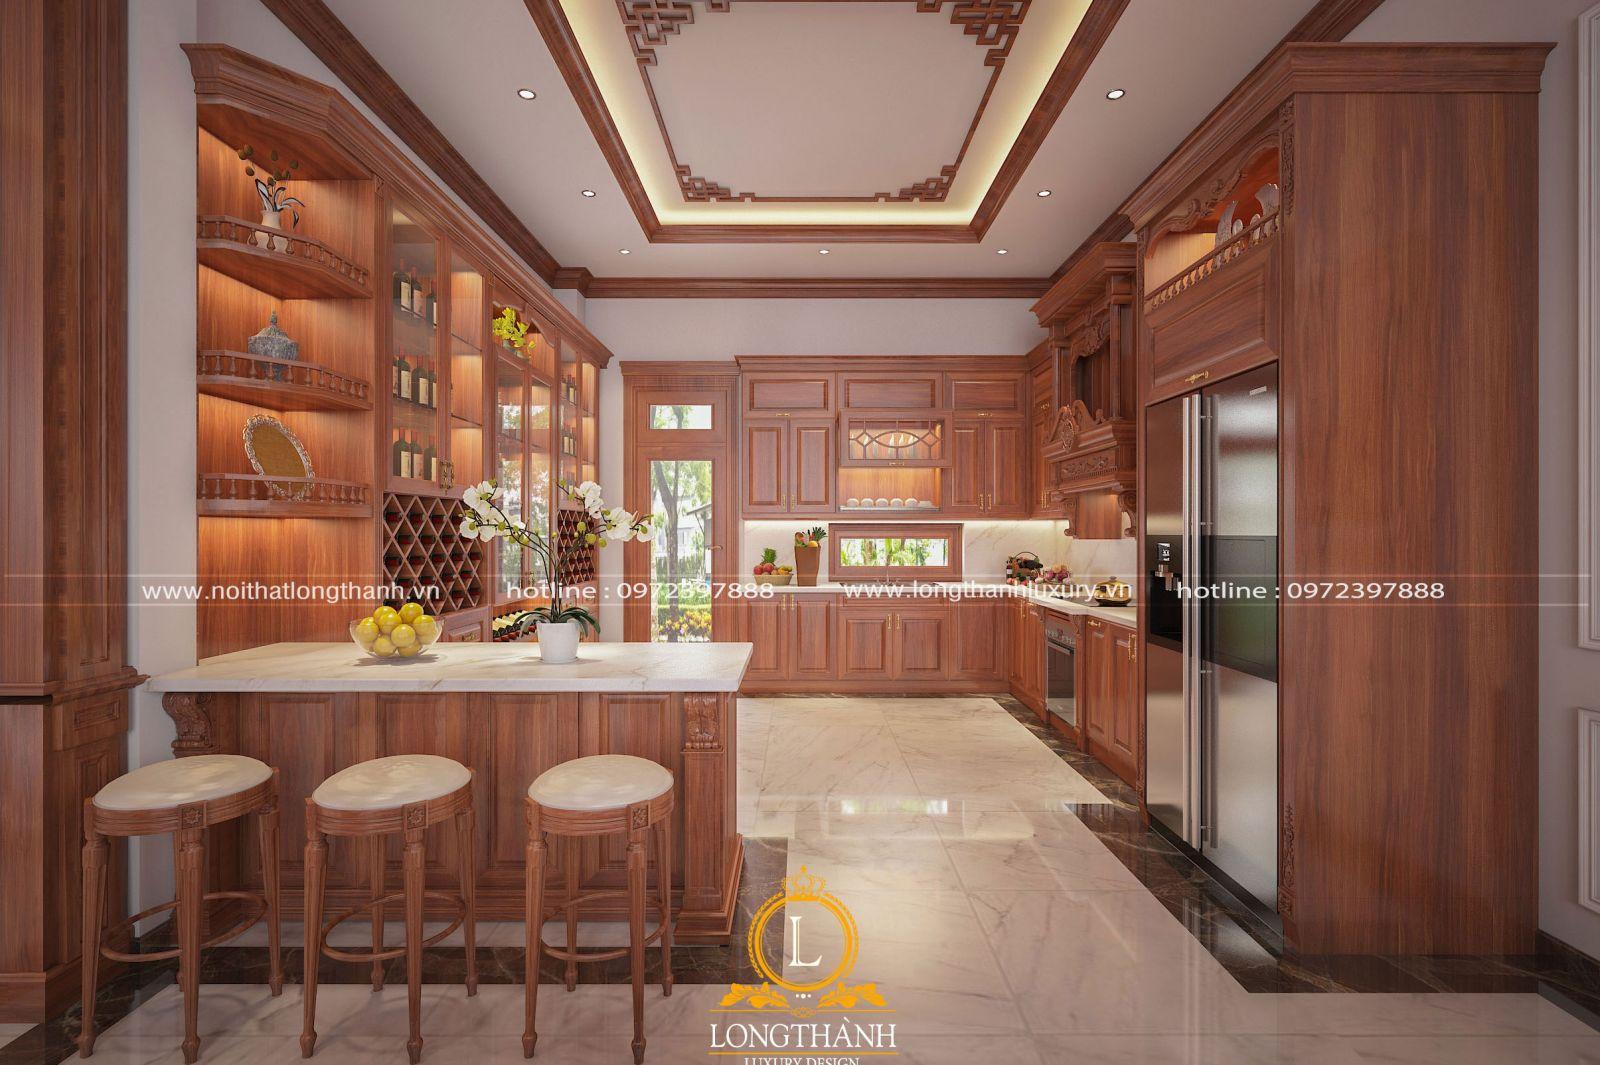 Mỗi món đồ nội thất  trong nhà bếp được bố trí khoa học vừa tiện sử dụng vừa dễ di chuyển